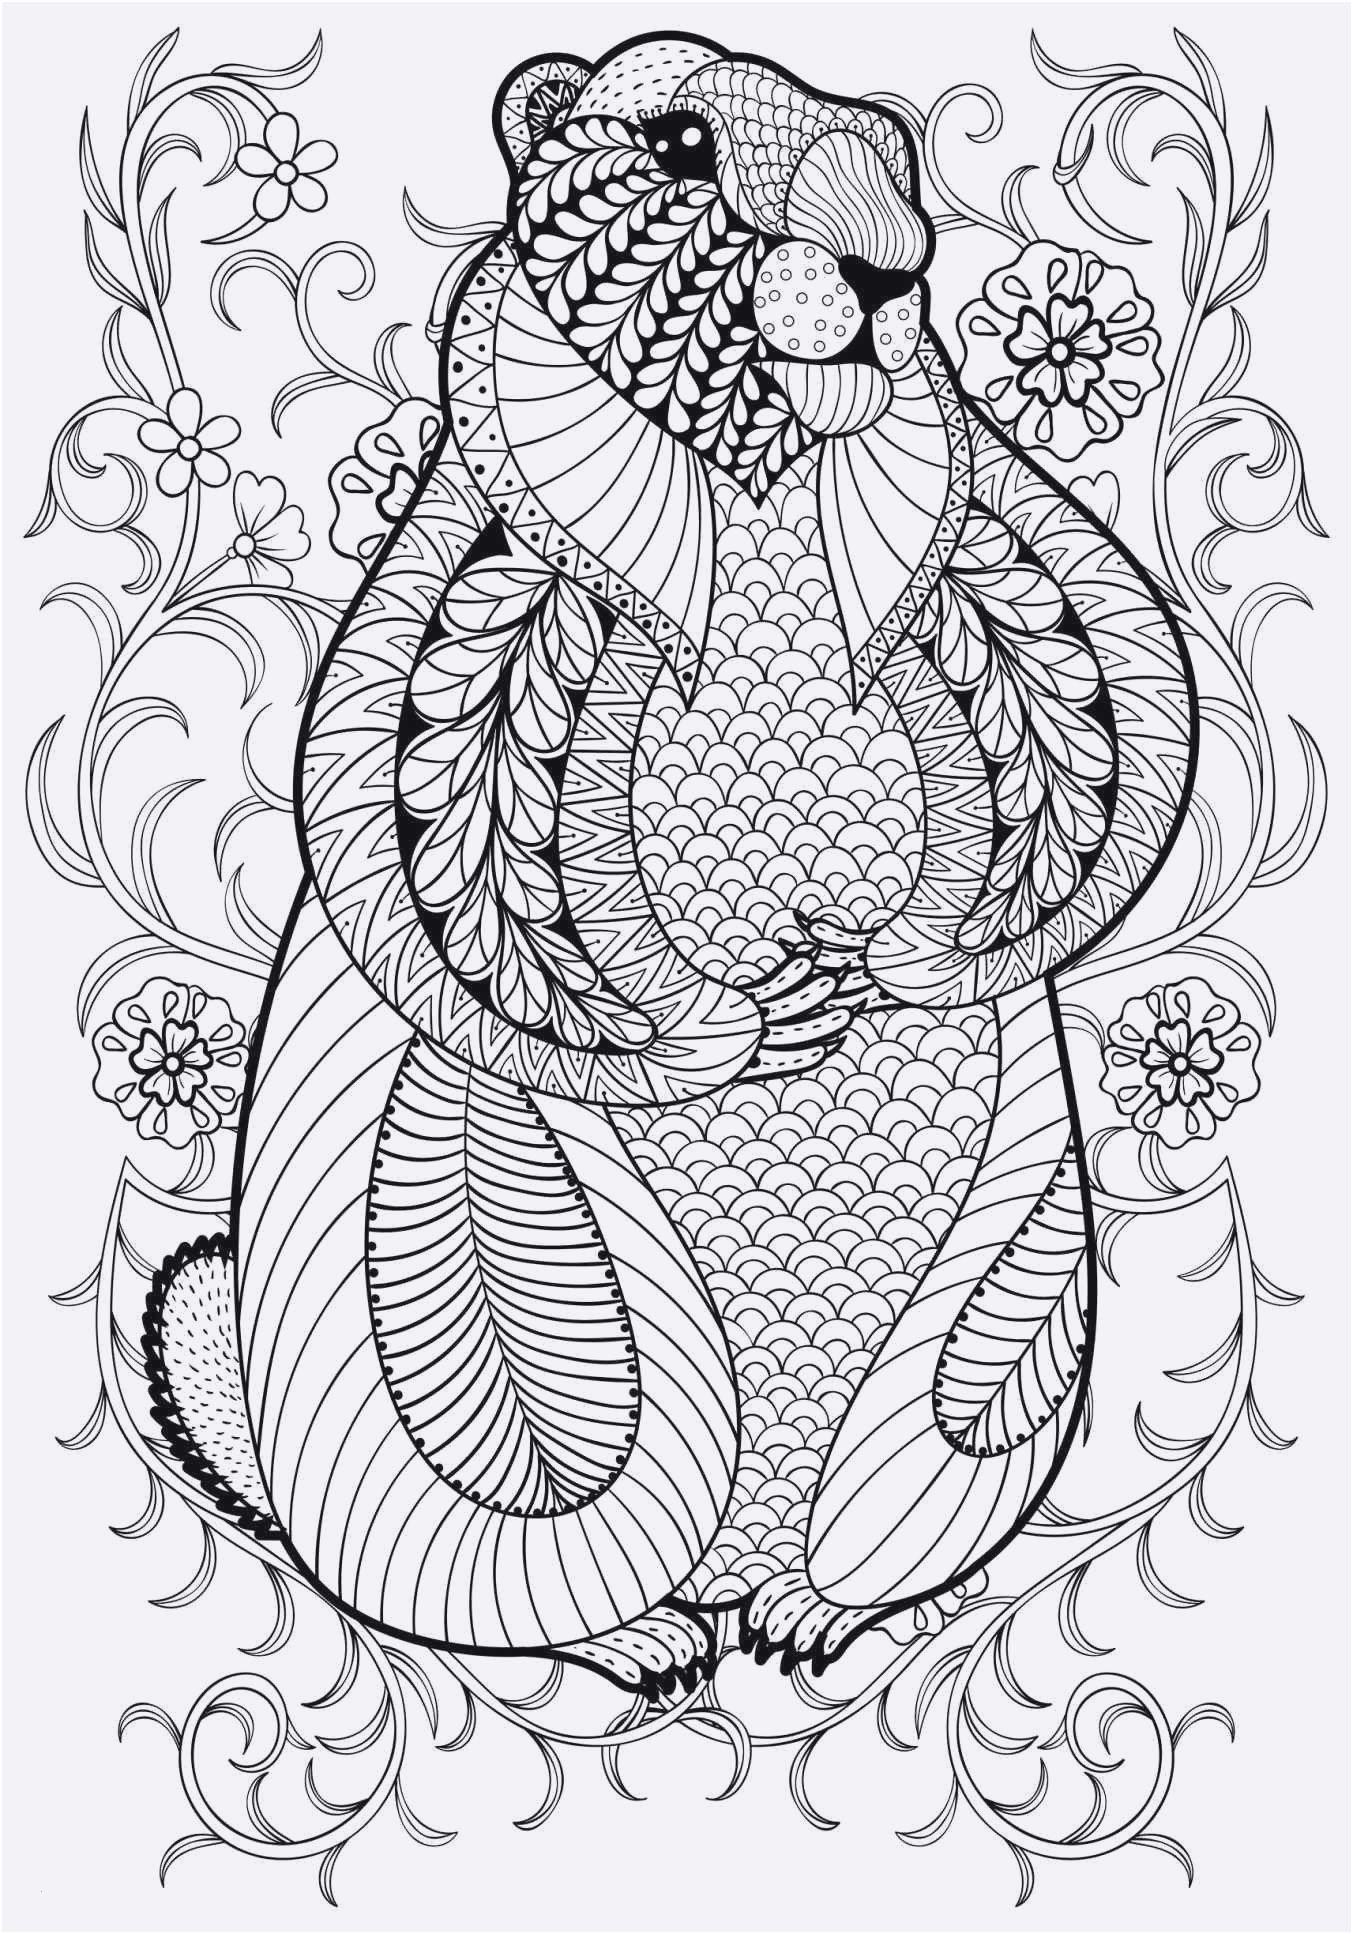 Mandala Zum Ausdrucken Erwachsene Das Beste Von Papagei Mandala Ausmalbilder Zum Ausdrucken Parrot Mandala Coloring Galerie